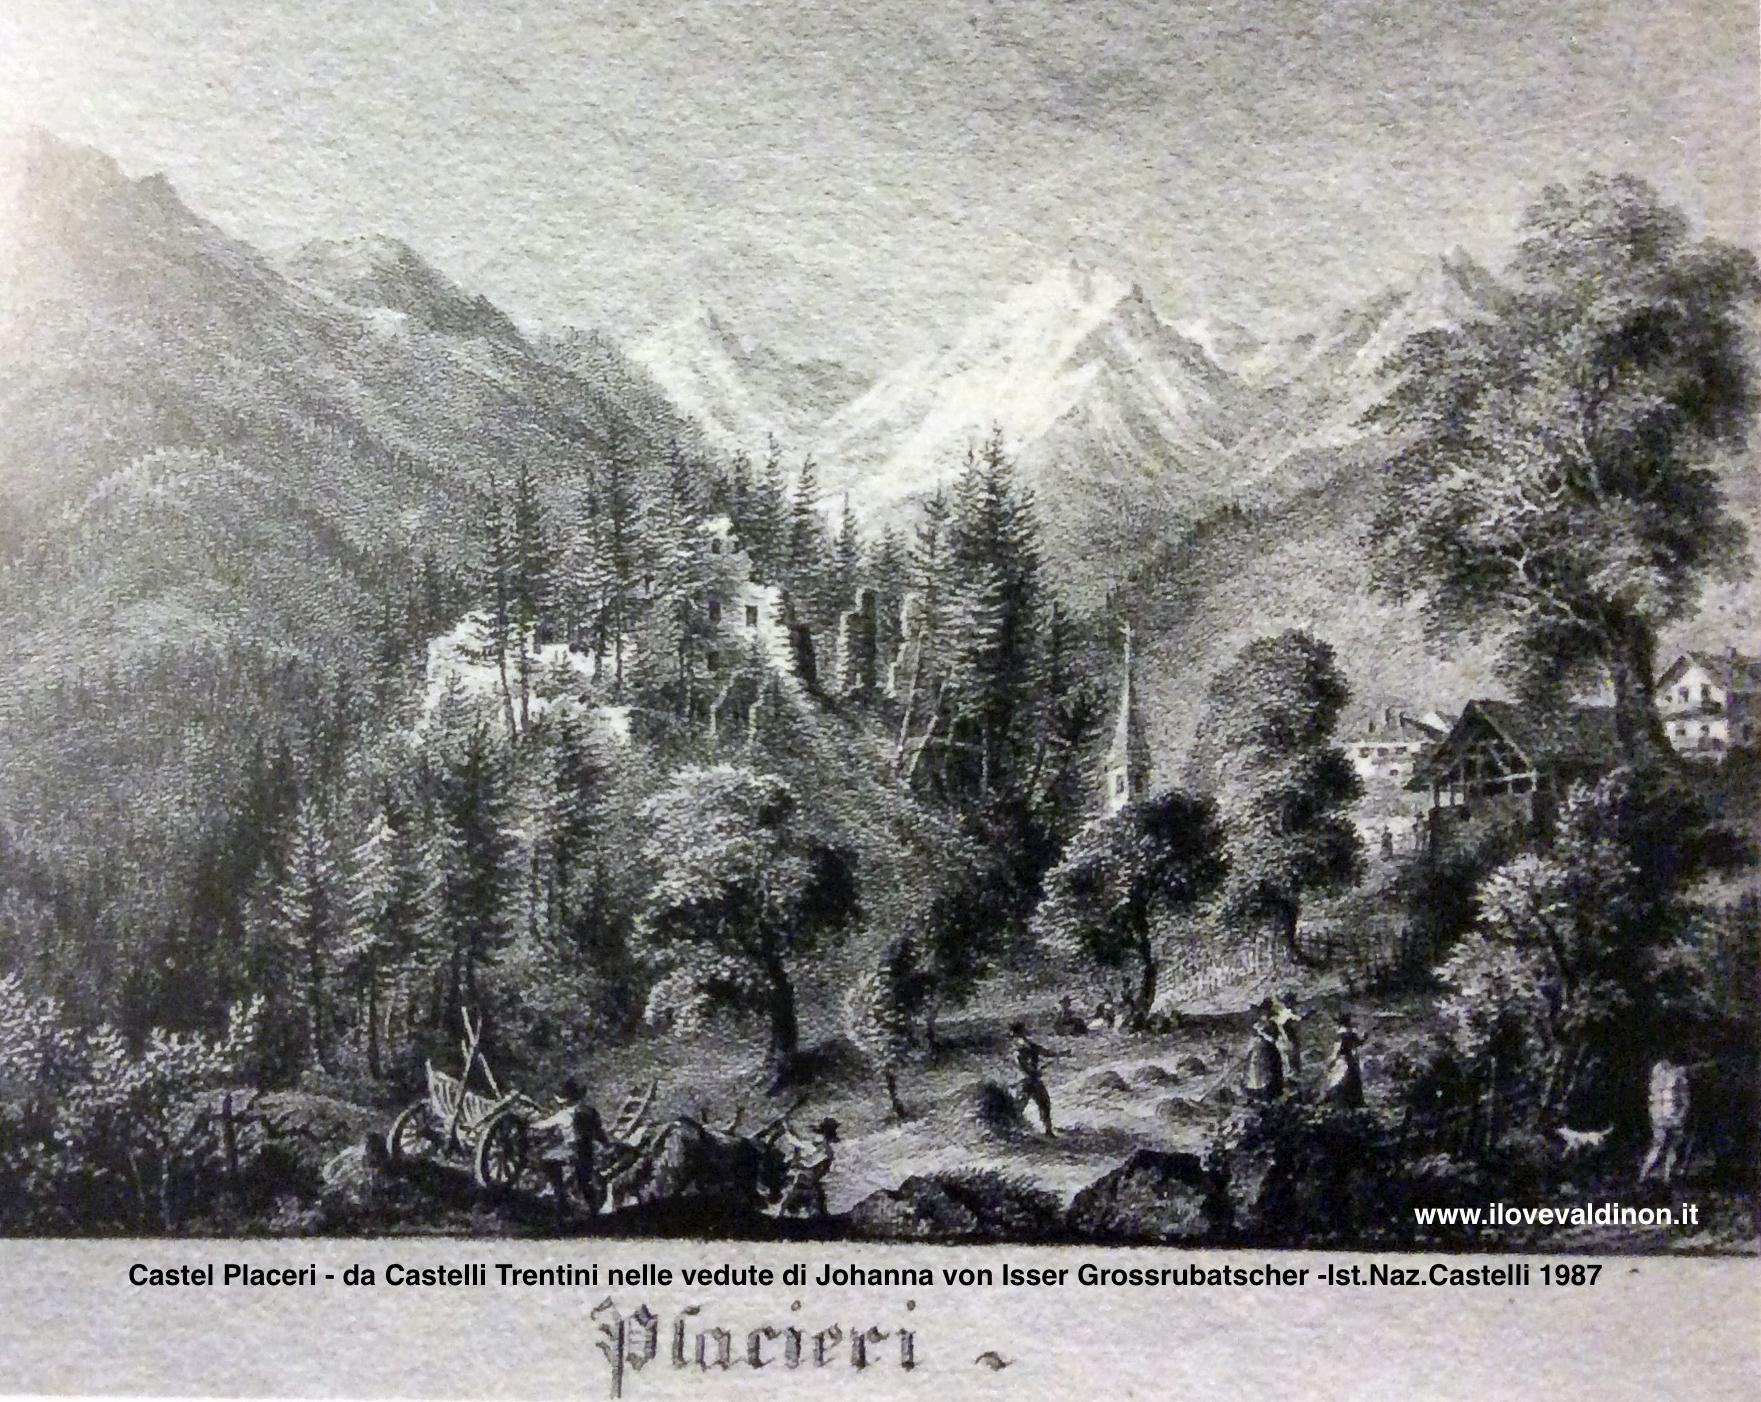 Castelli castel-placieri-ILOVEVALDINON